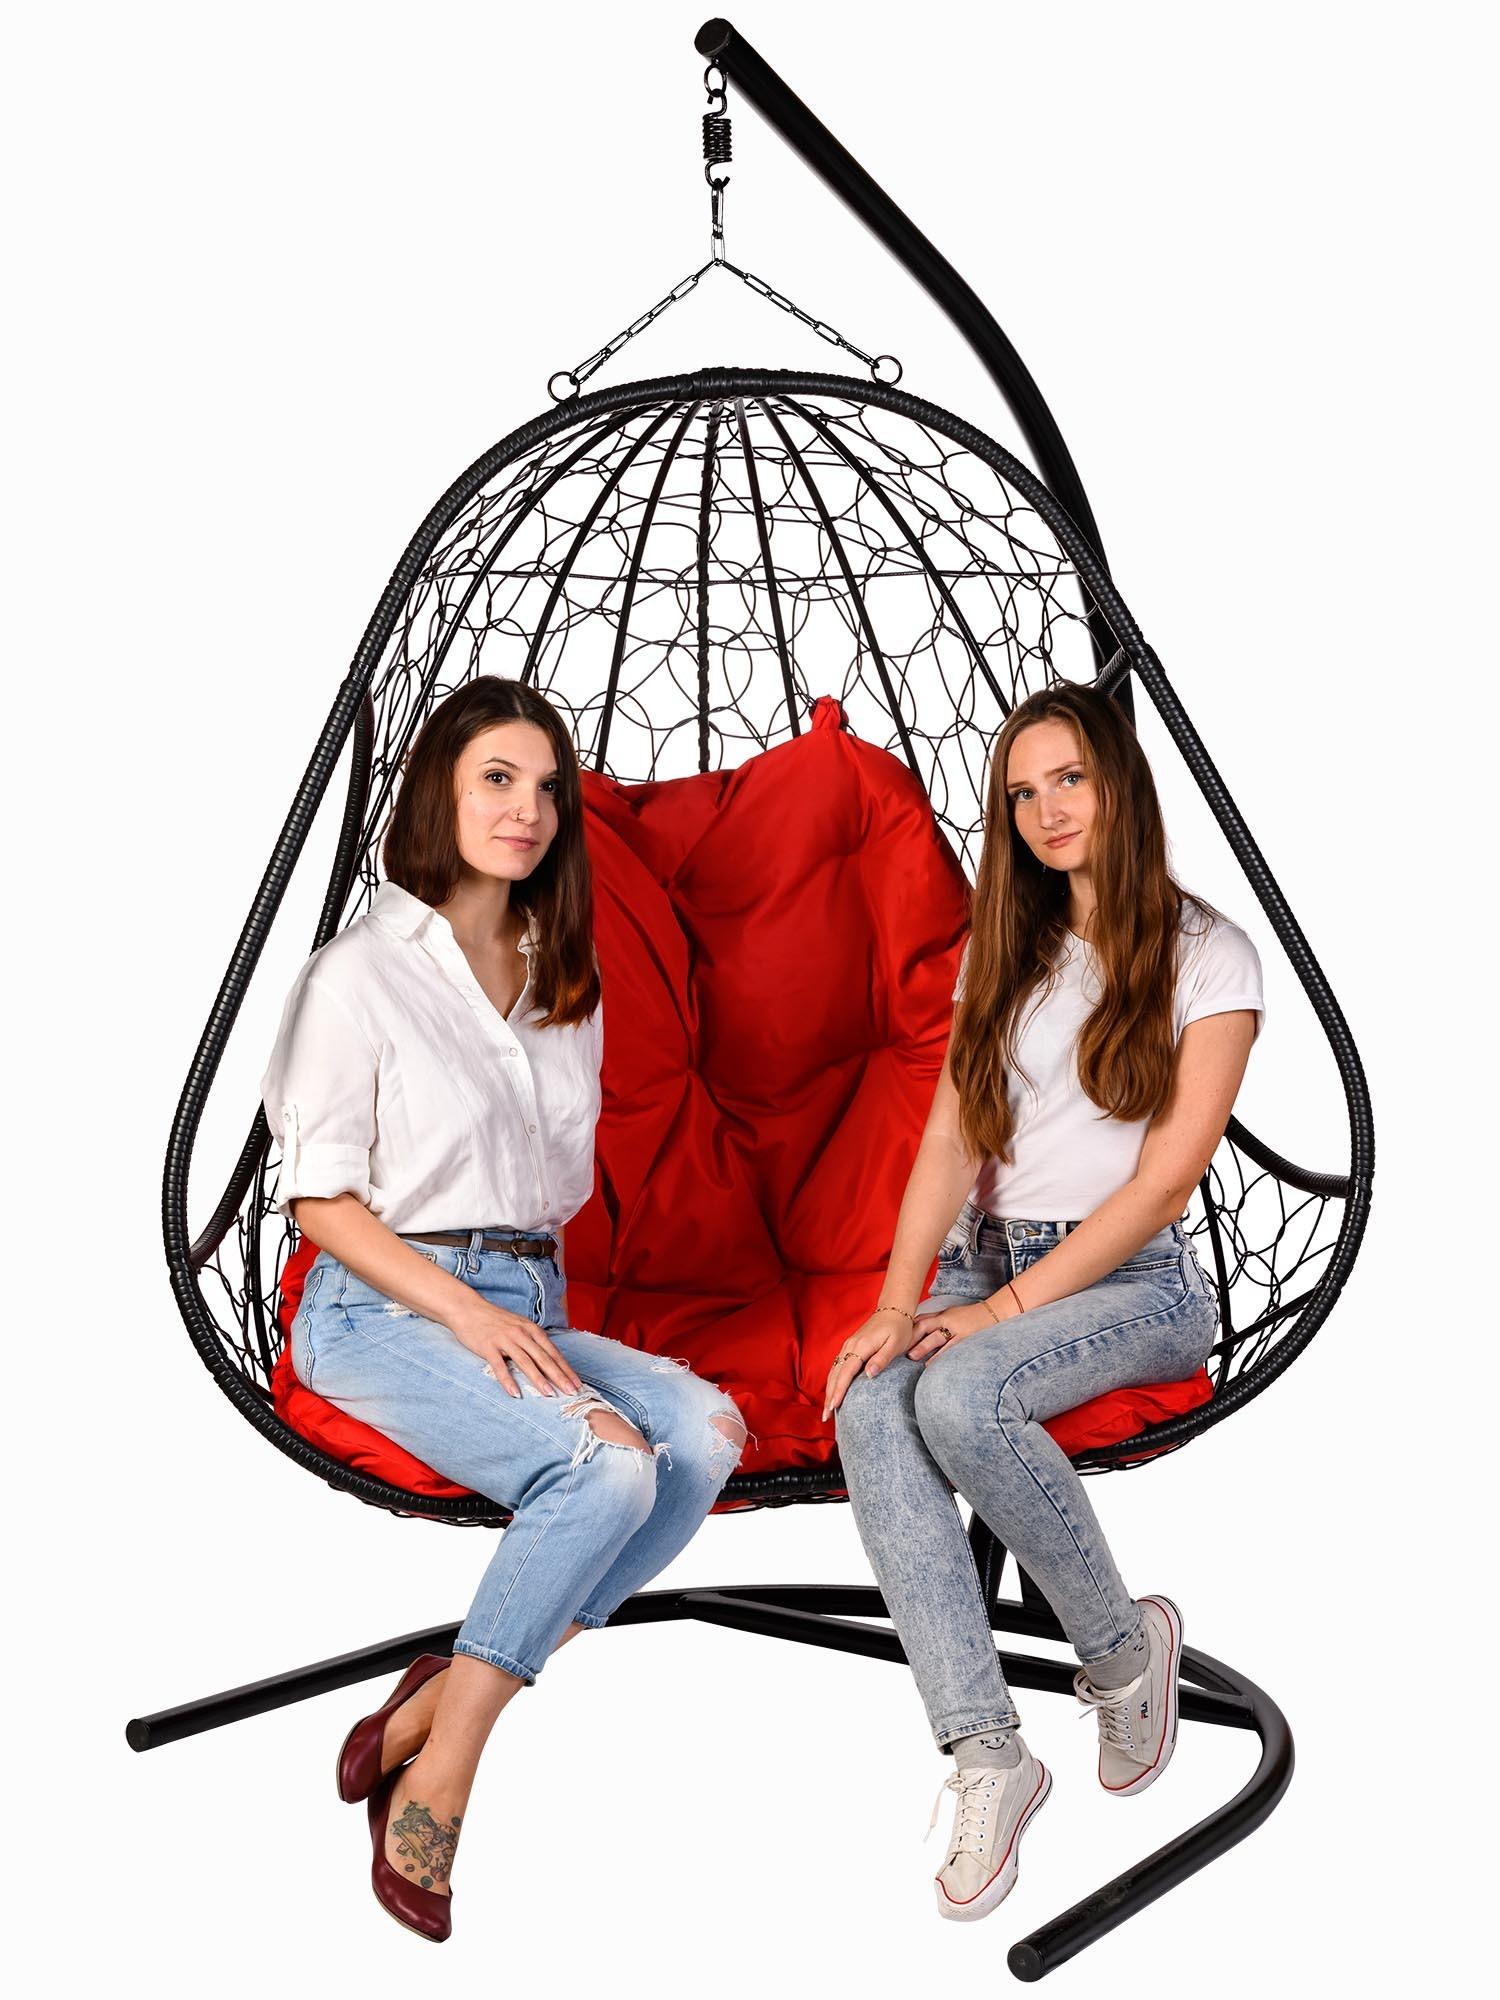 Подвесные кресла Двухместное подвесное кресло PRIMAVERA BLACK Primavera_blackR_1_.jpg